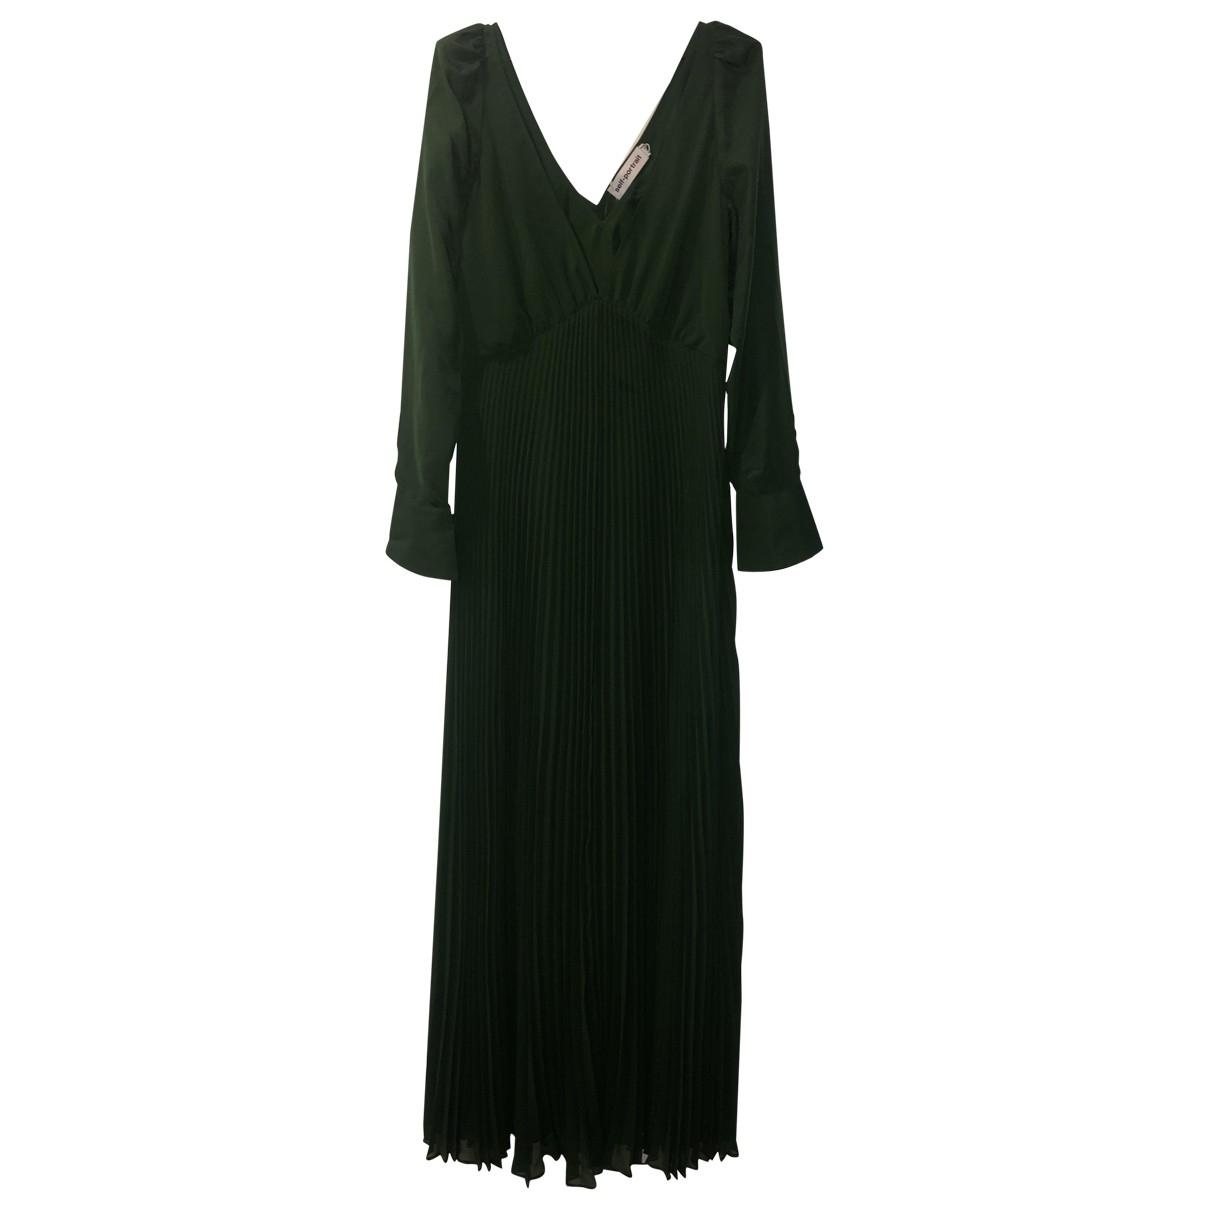 Self Portrait \N Green dress for Women 12 UK